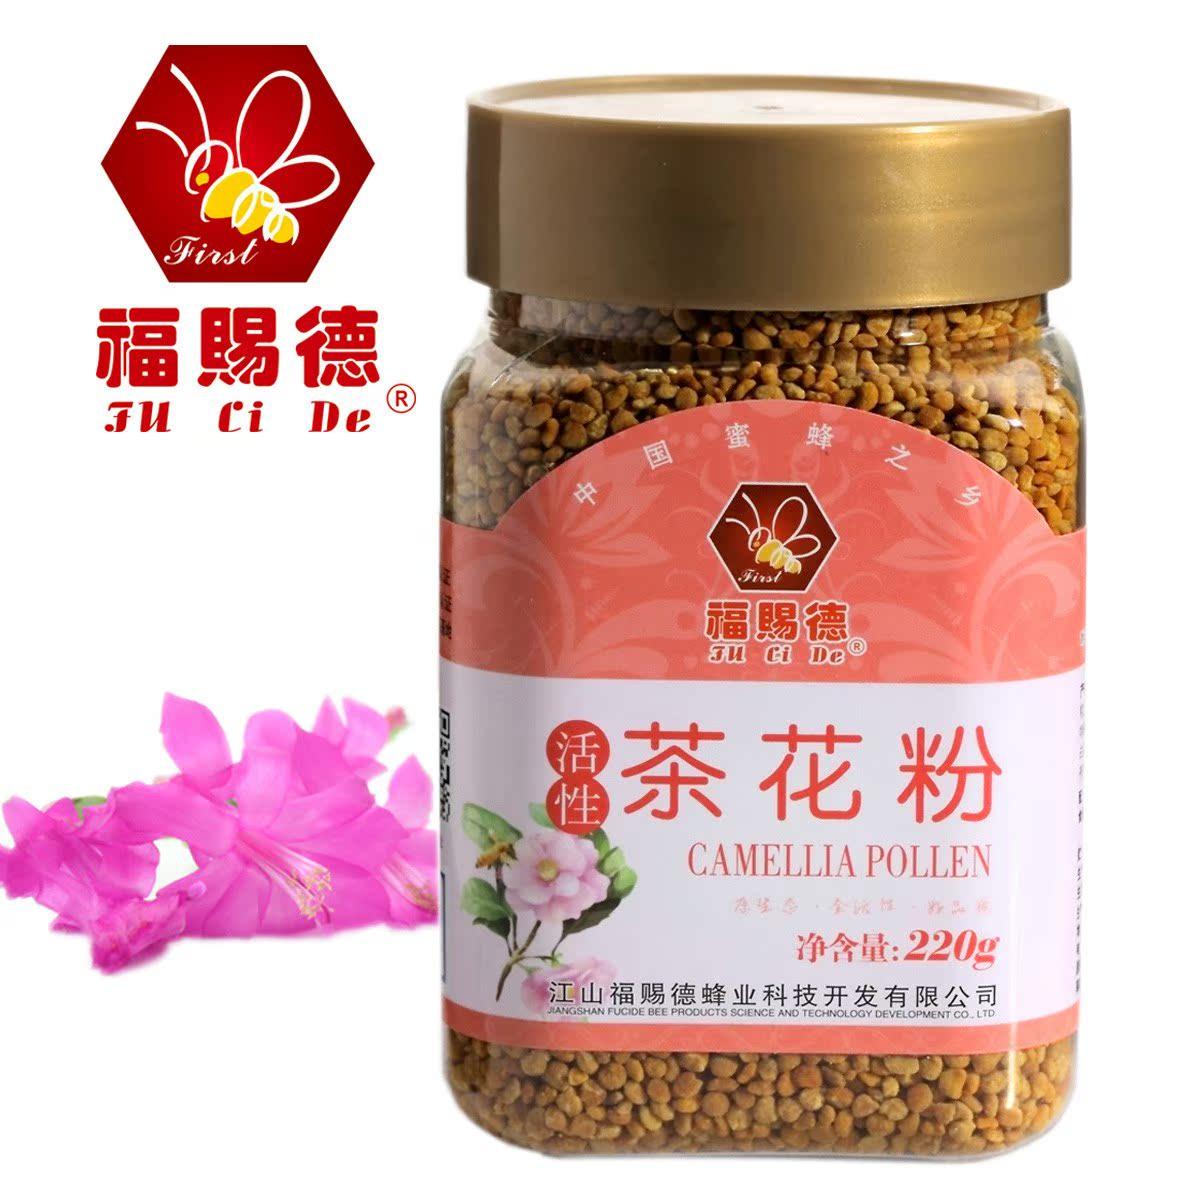 福赐德 活性茶花粉 正品纯天然蜂花粉220g 易溶水的茶花花粉